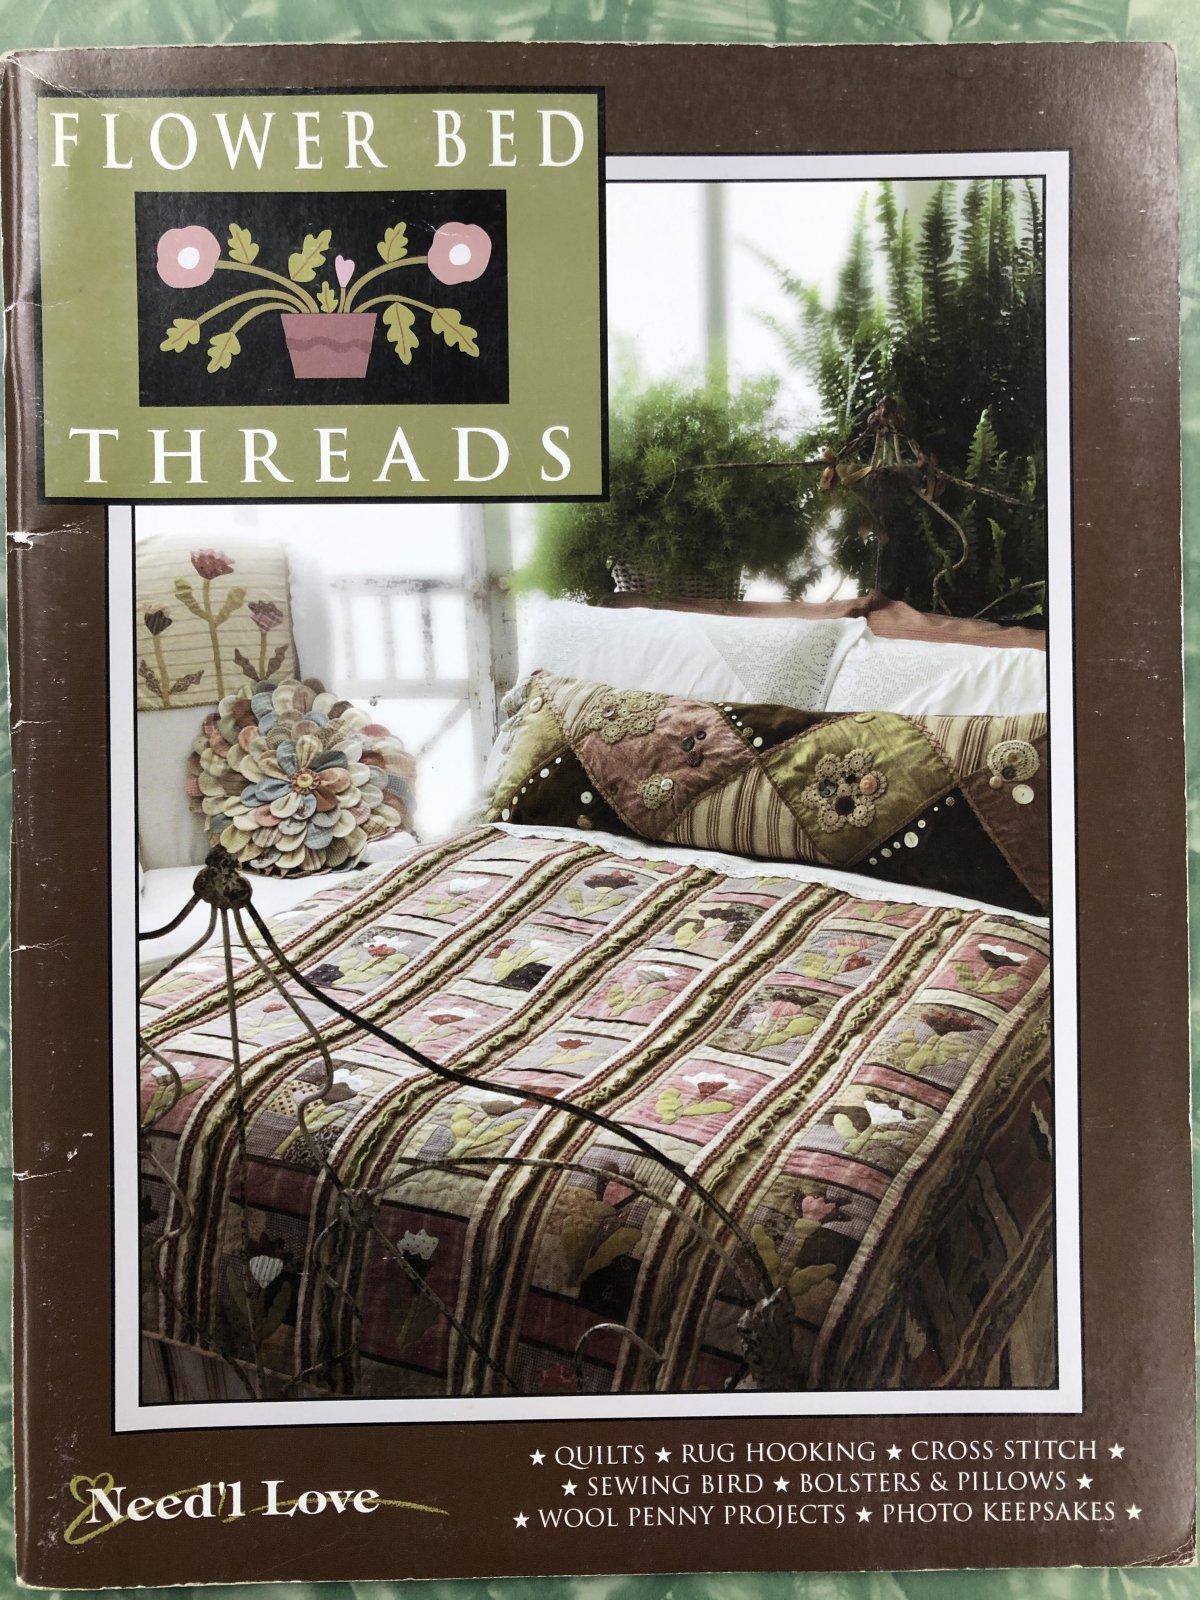 Flower Bed Threads